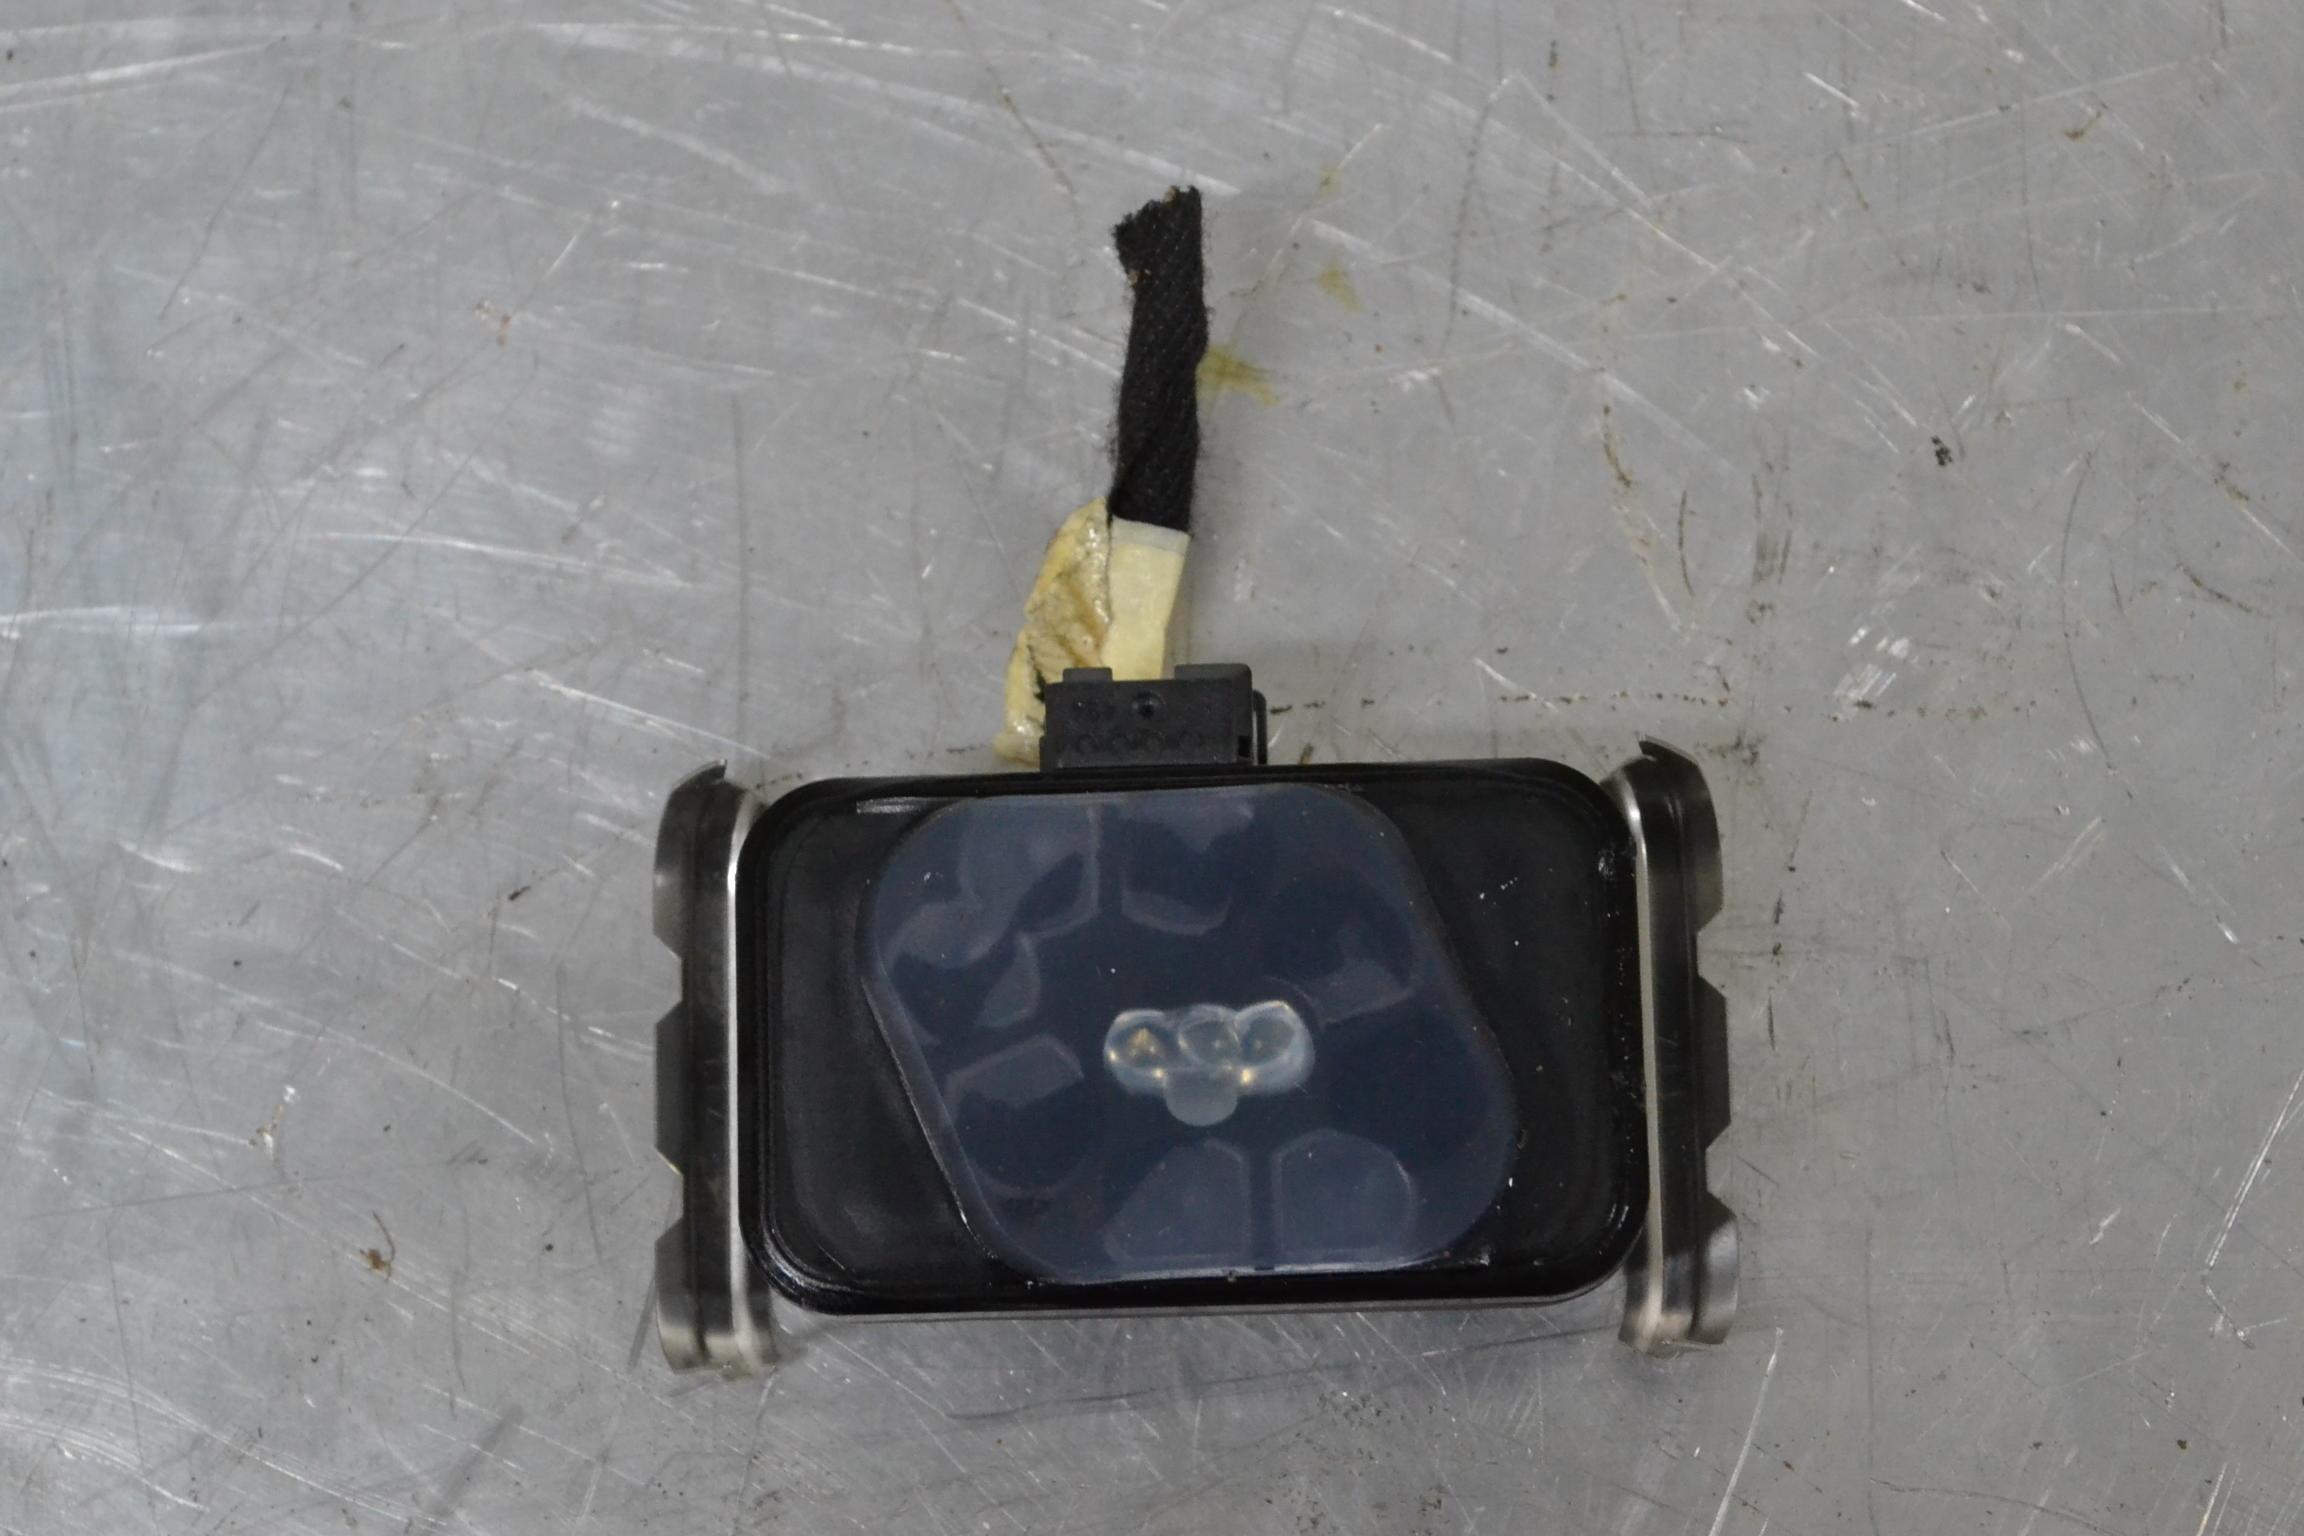 Sensor Regn/Imma till PEUGEOT 307 2005-2008 BE 1997212118 (0)